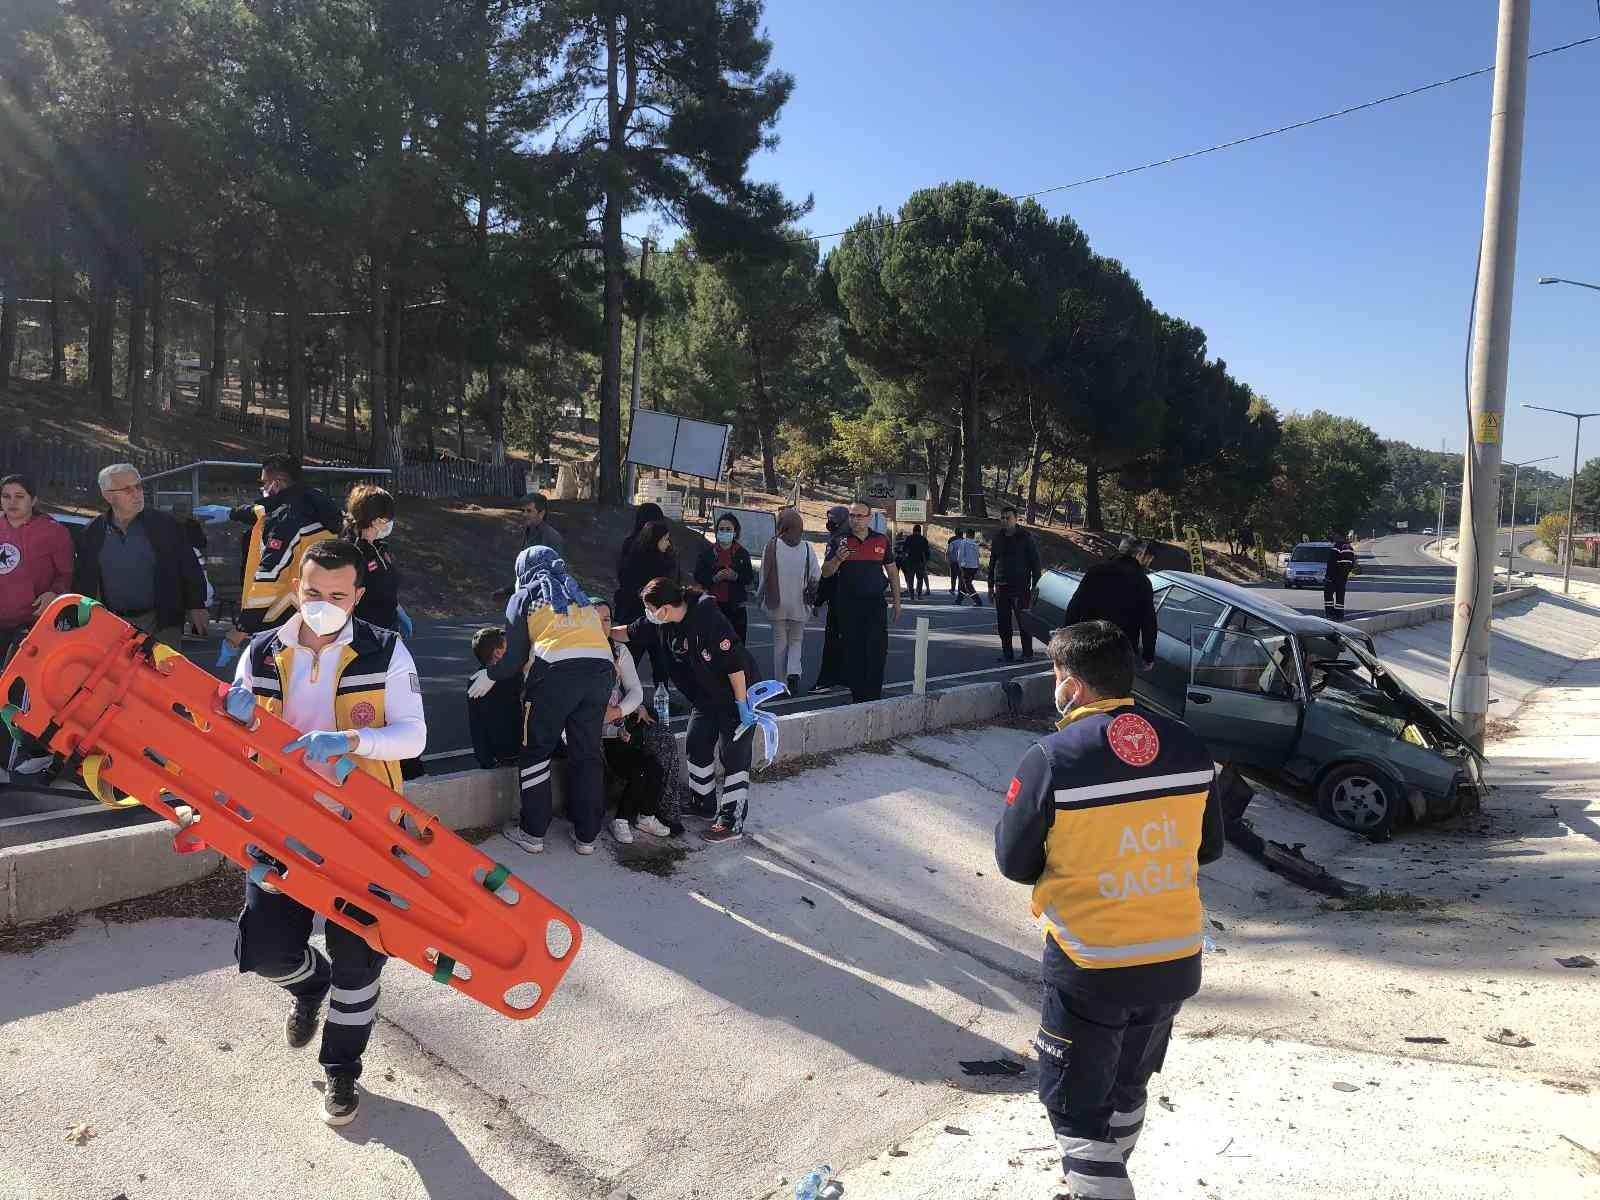 Burdur'da trafik kazası: 1 ölü, 3 yaralı #burdur